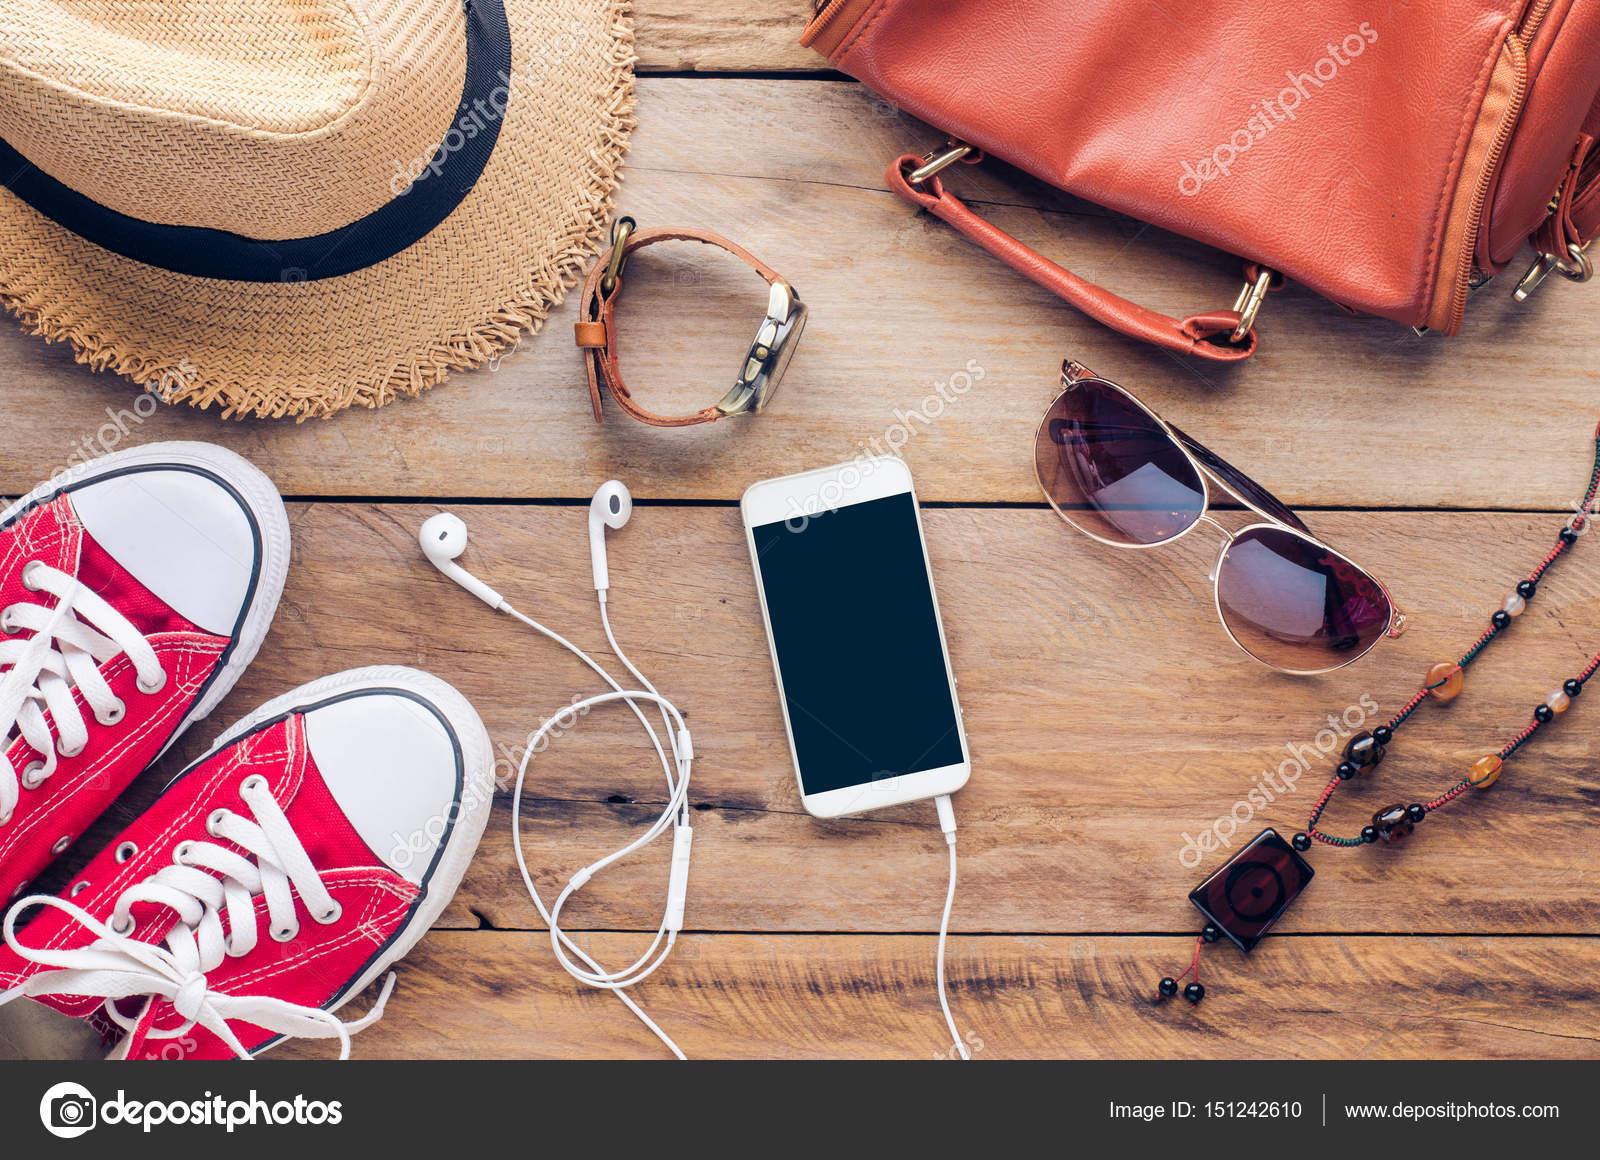 99cfd6f5e Acessórios para adolescente em suas férias. Chapéu de palha, óculos de sol  à moda, bolsa de couro marrom, sapatos vermelhos e fantasia no piso de  madeira– ...